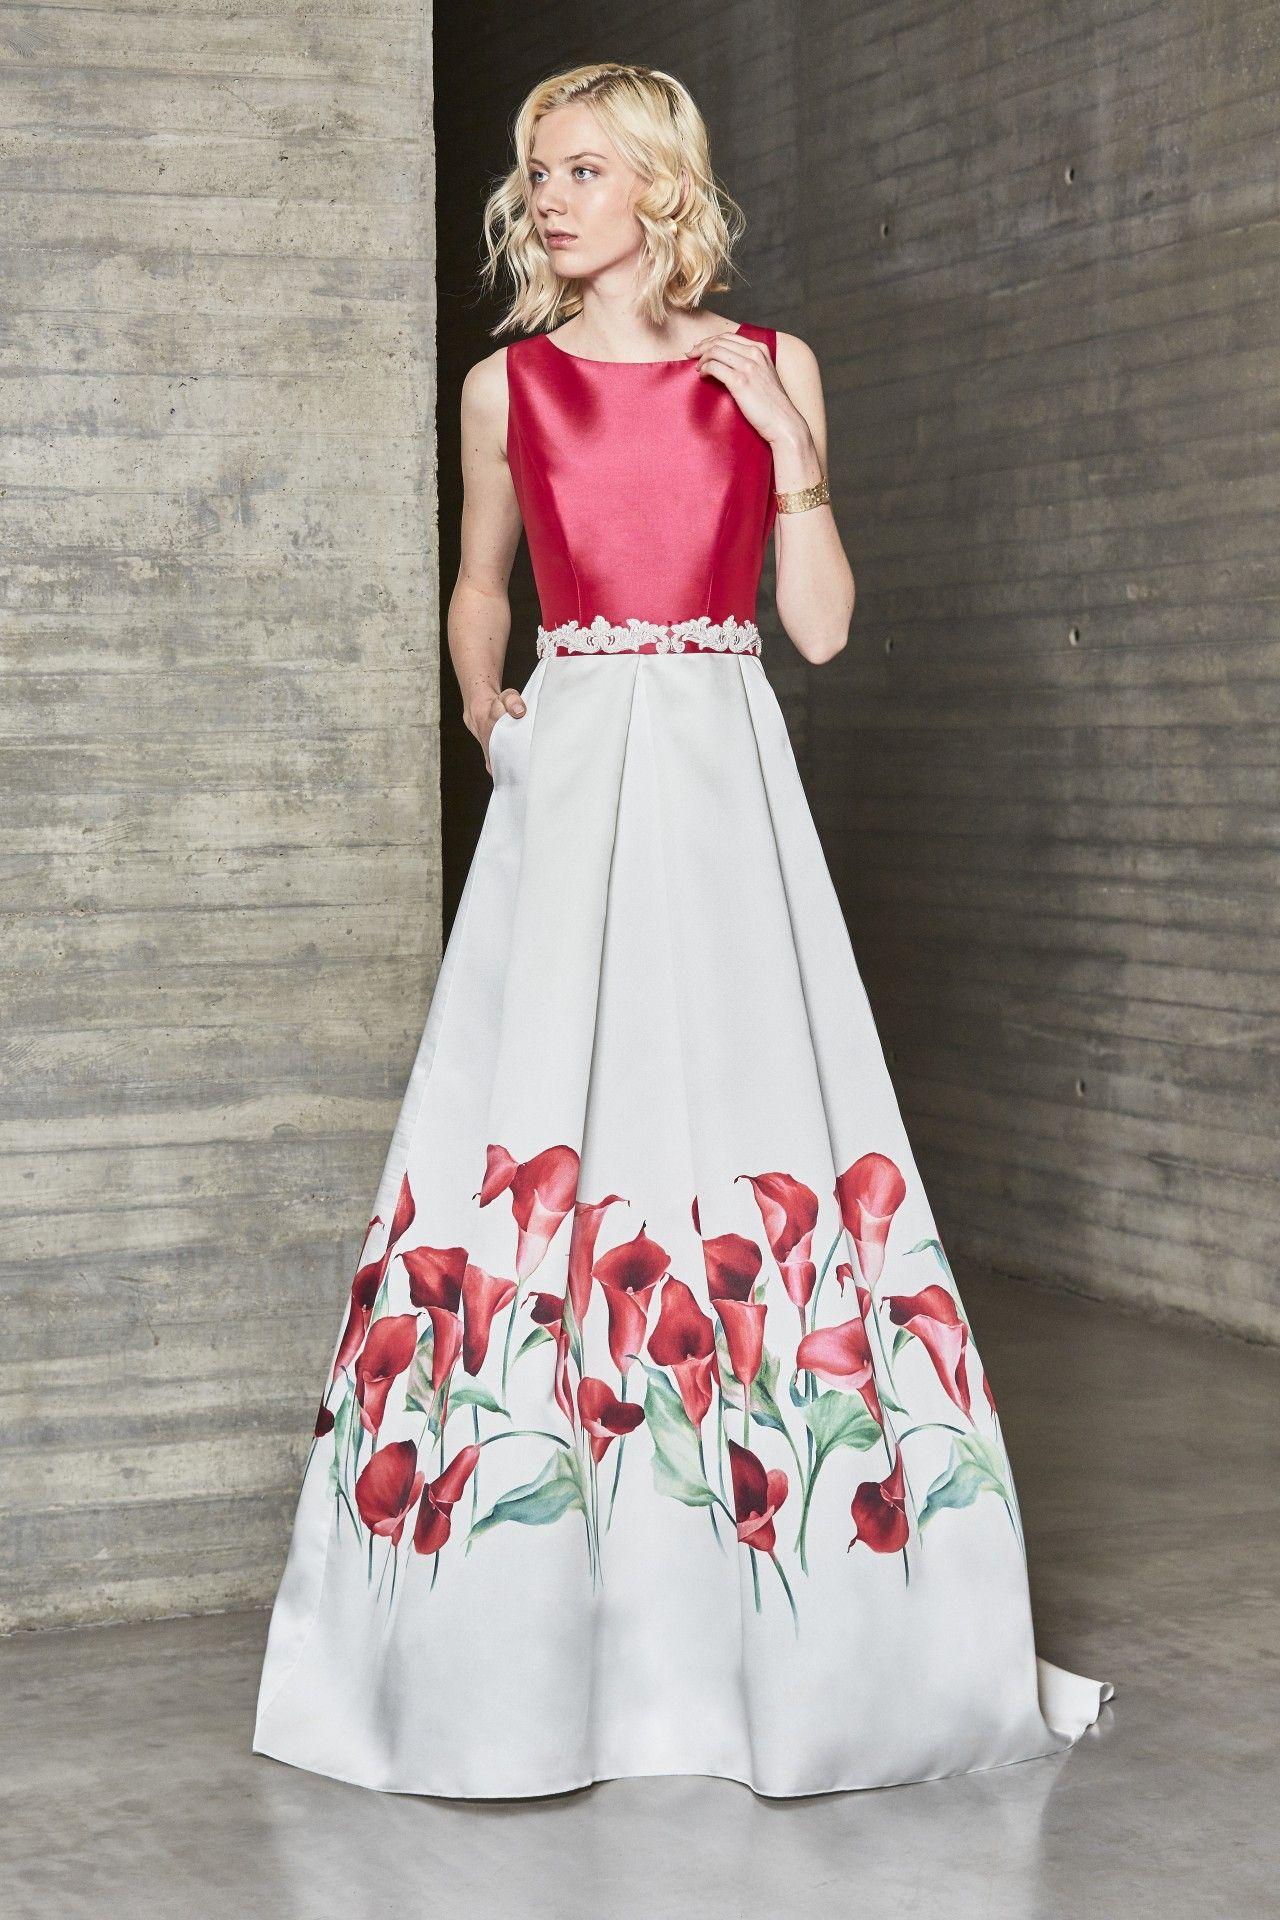 edbdc5b9e Vestido de fiesta largo para boda, estampado en tonos cálidos,con ...